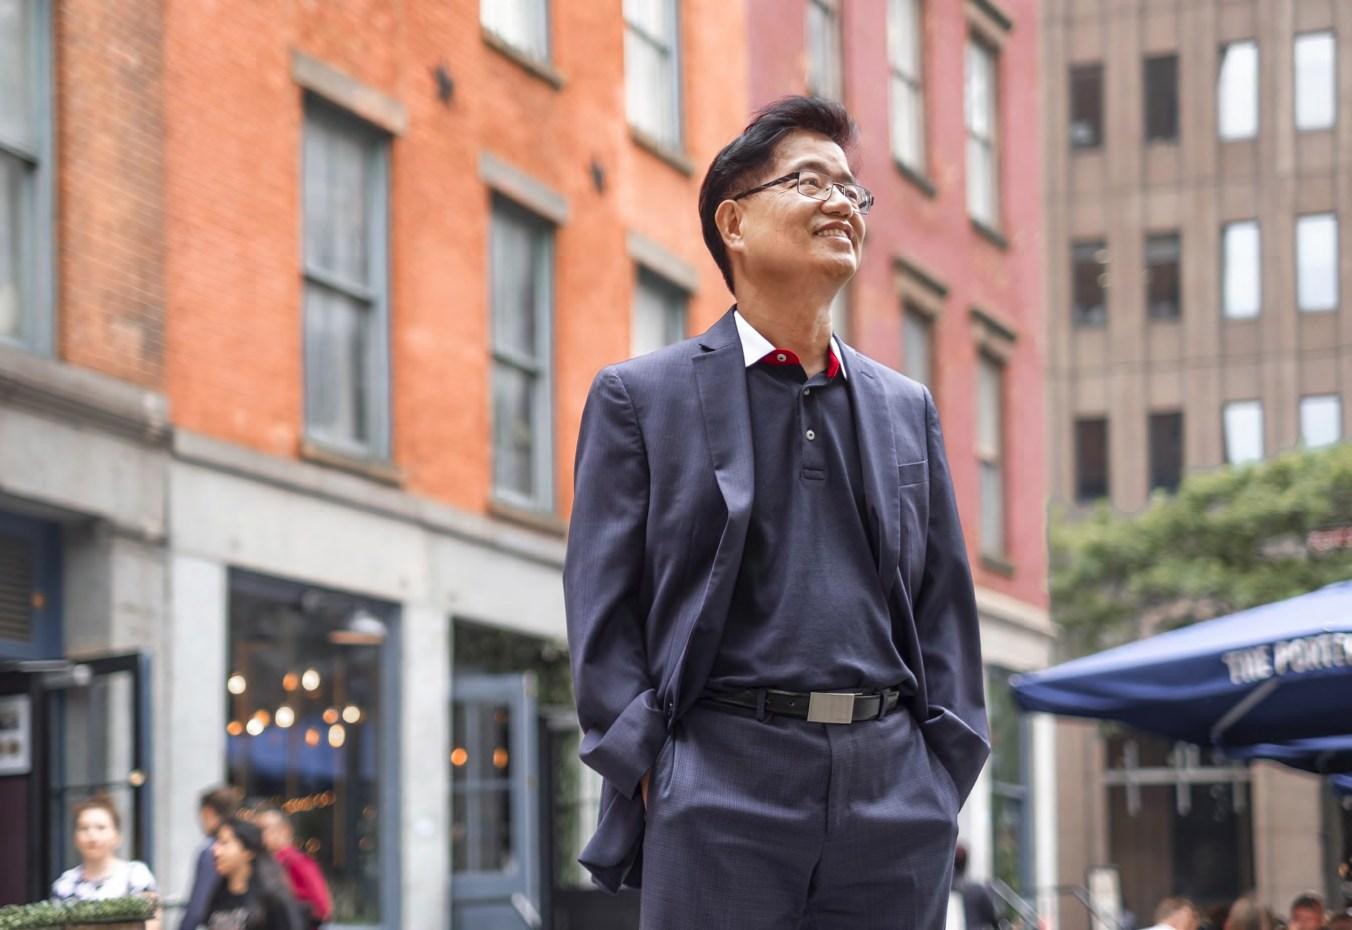 張榮健發現他的香港會計師公會會員資格在紐約備受認可,這對他在美國的事業發展大有幫助。